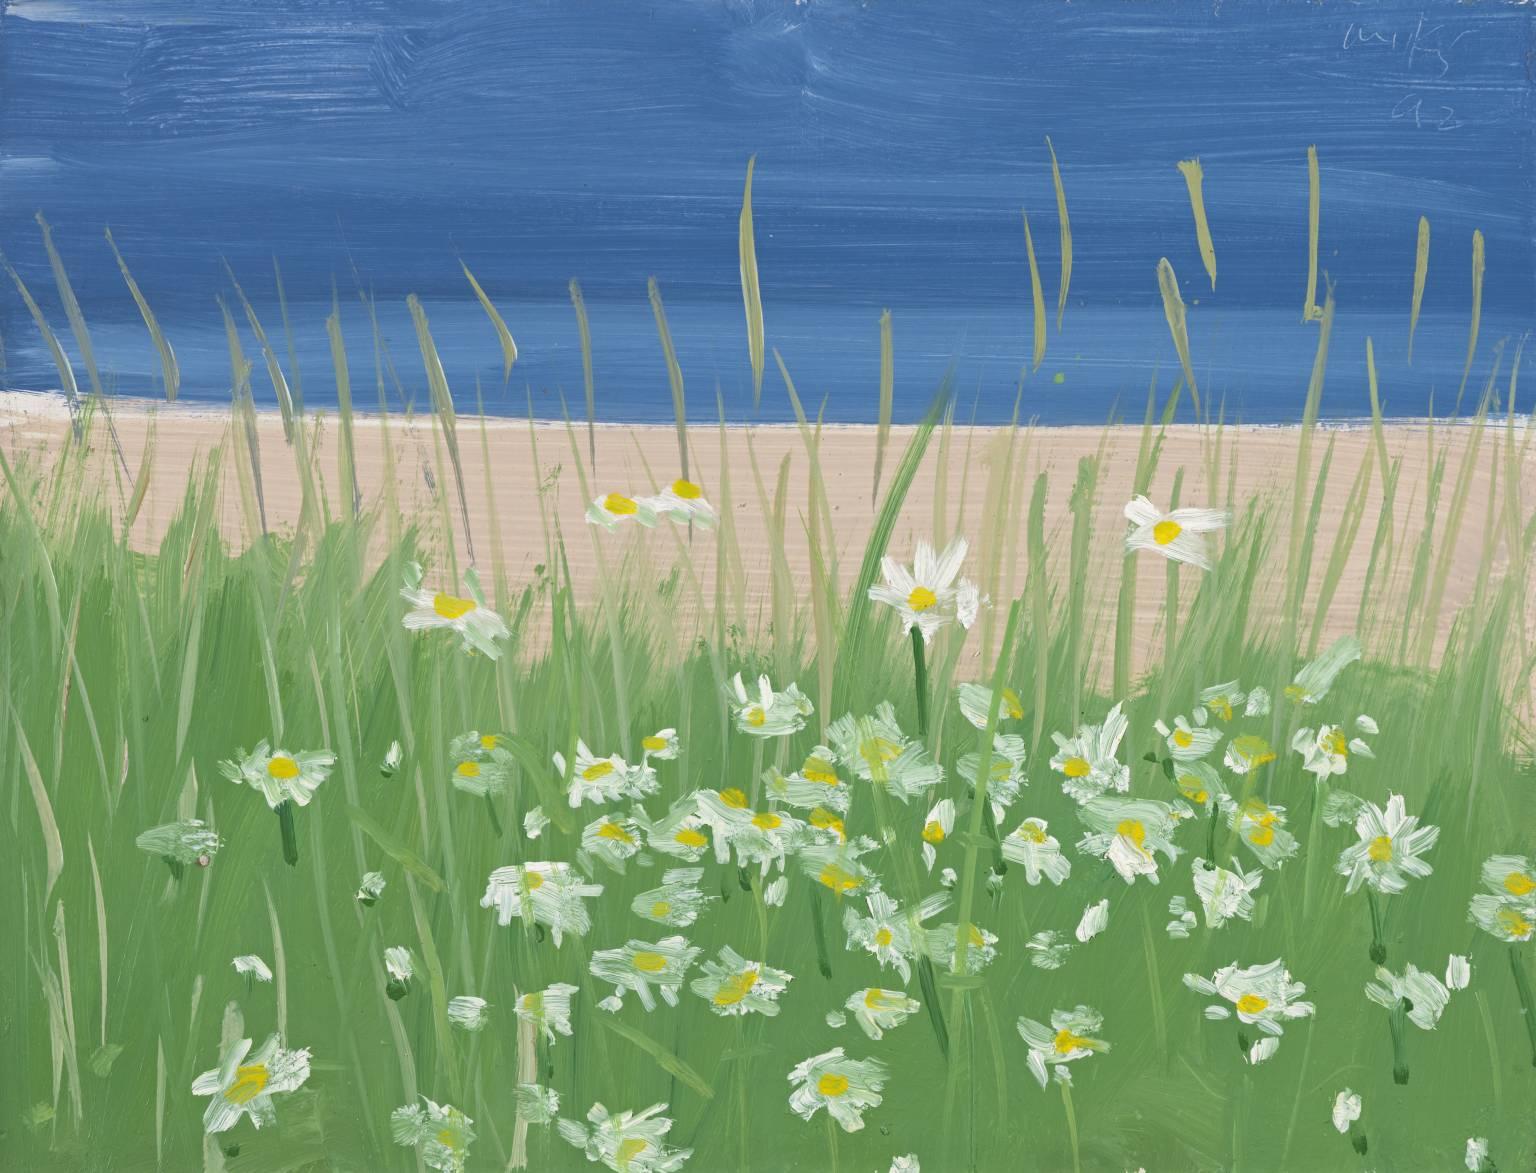 Alex Katz, 'Ocean View' 1992